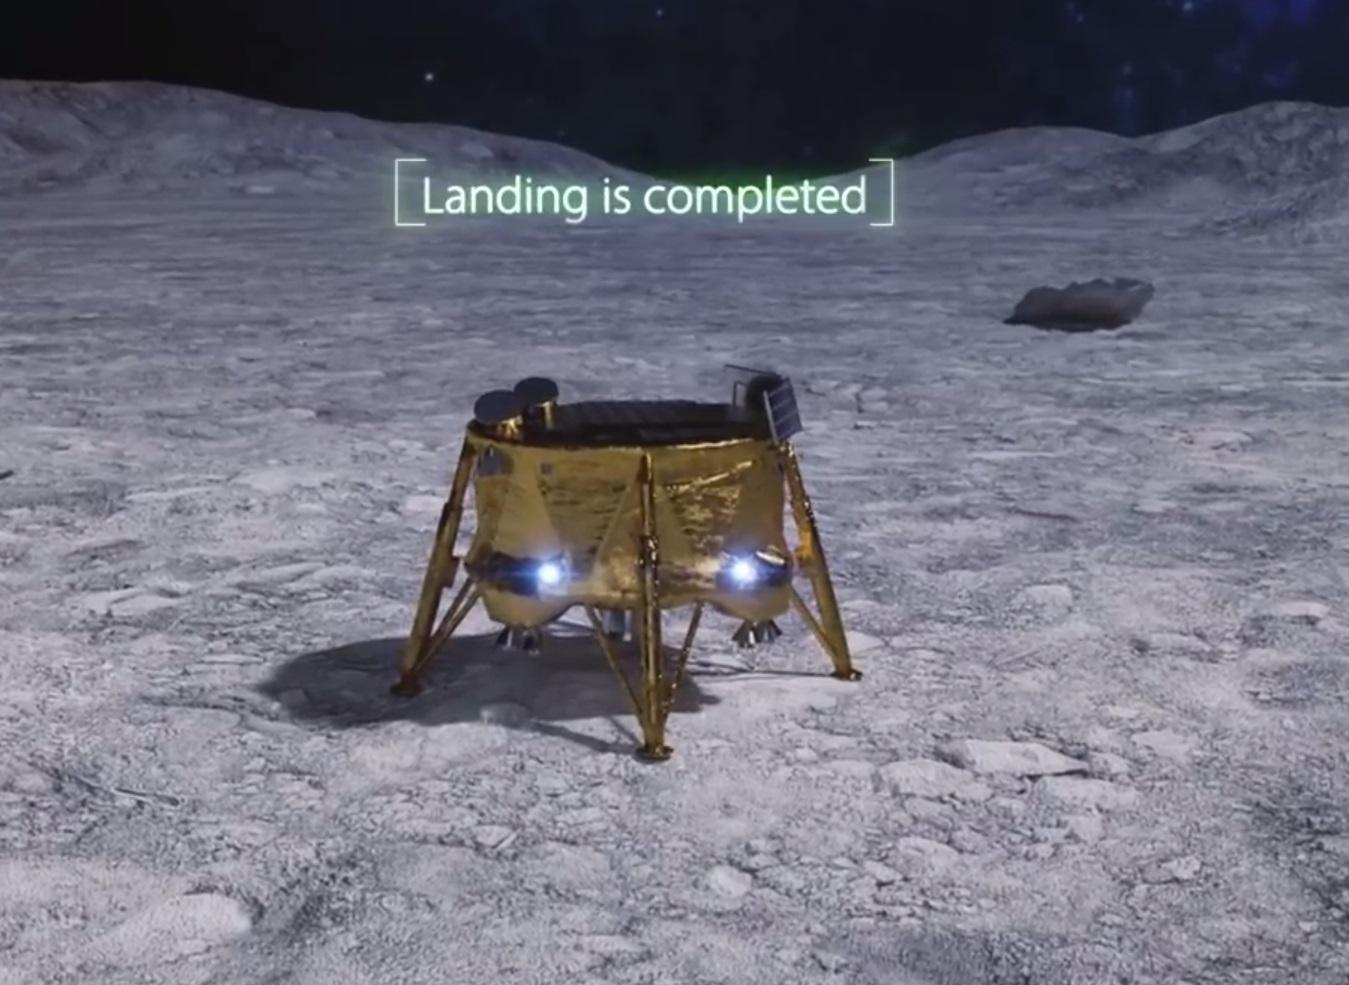 Лунная миссия «Берешит» – характеристики аппарата, серия маневров и самый длинный путь на Луну - 27